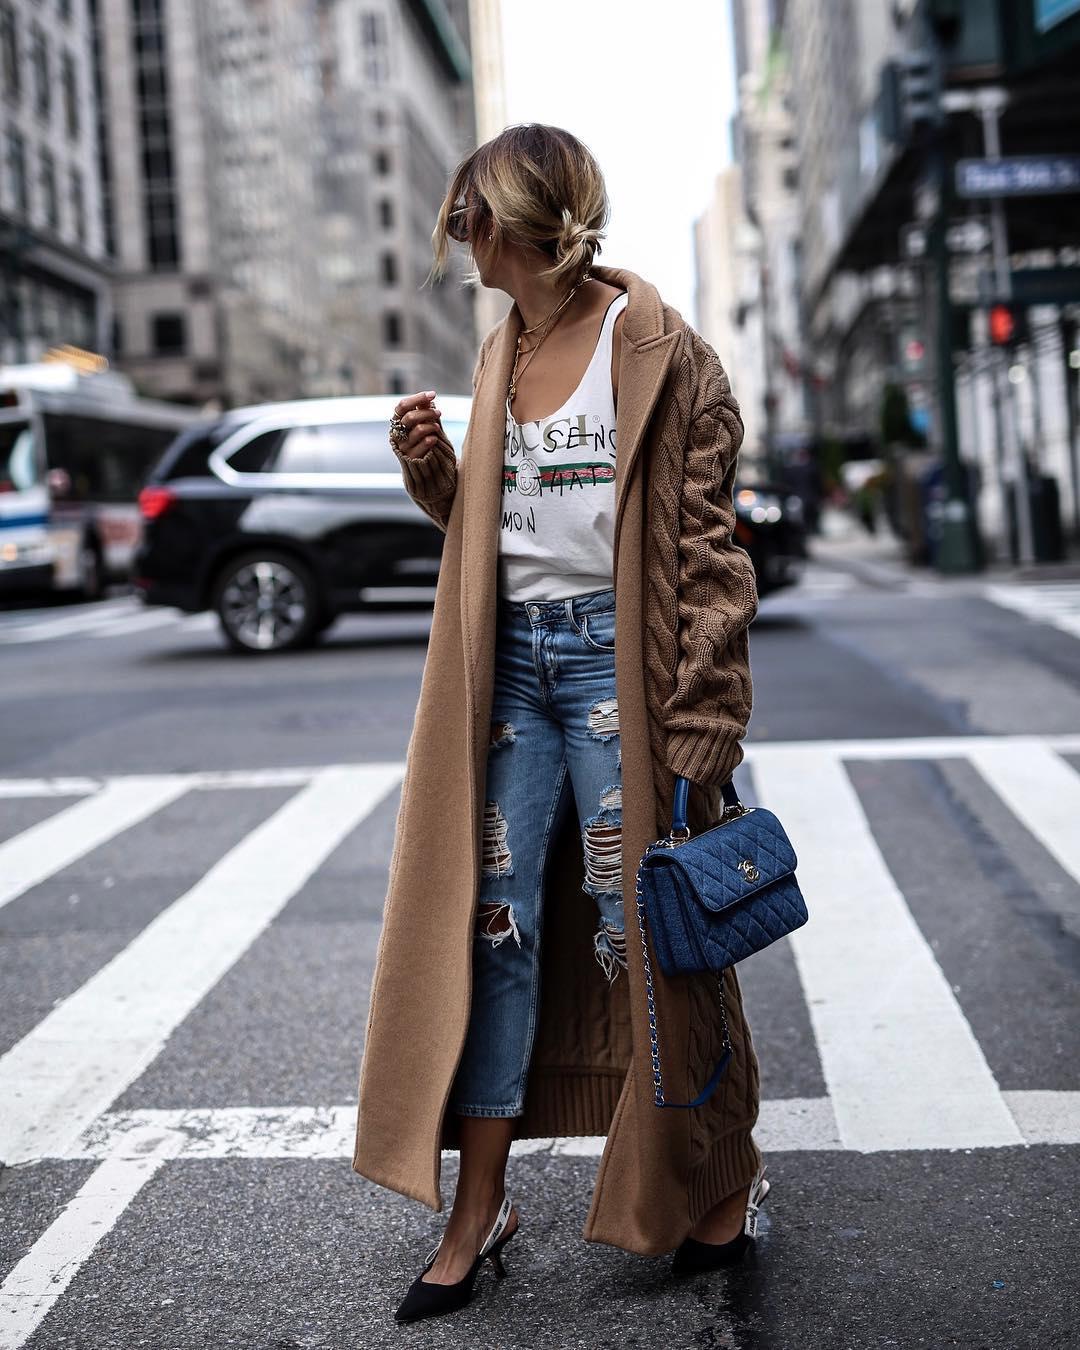 Пальто оверсайз 2020 - идеальное решение для дам, которые любят примерять на себя трендовые предметы гардероба